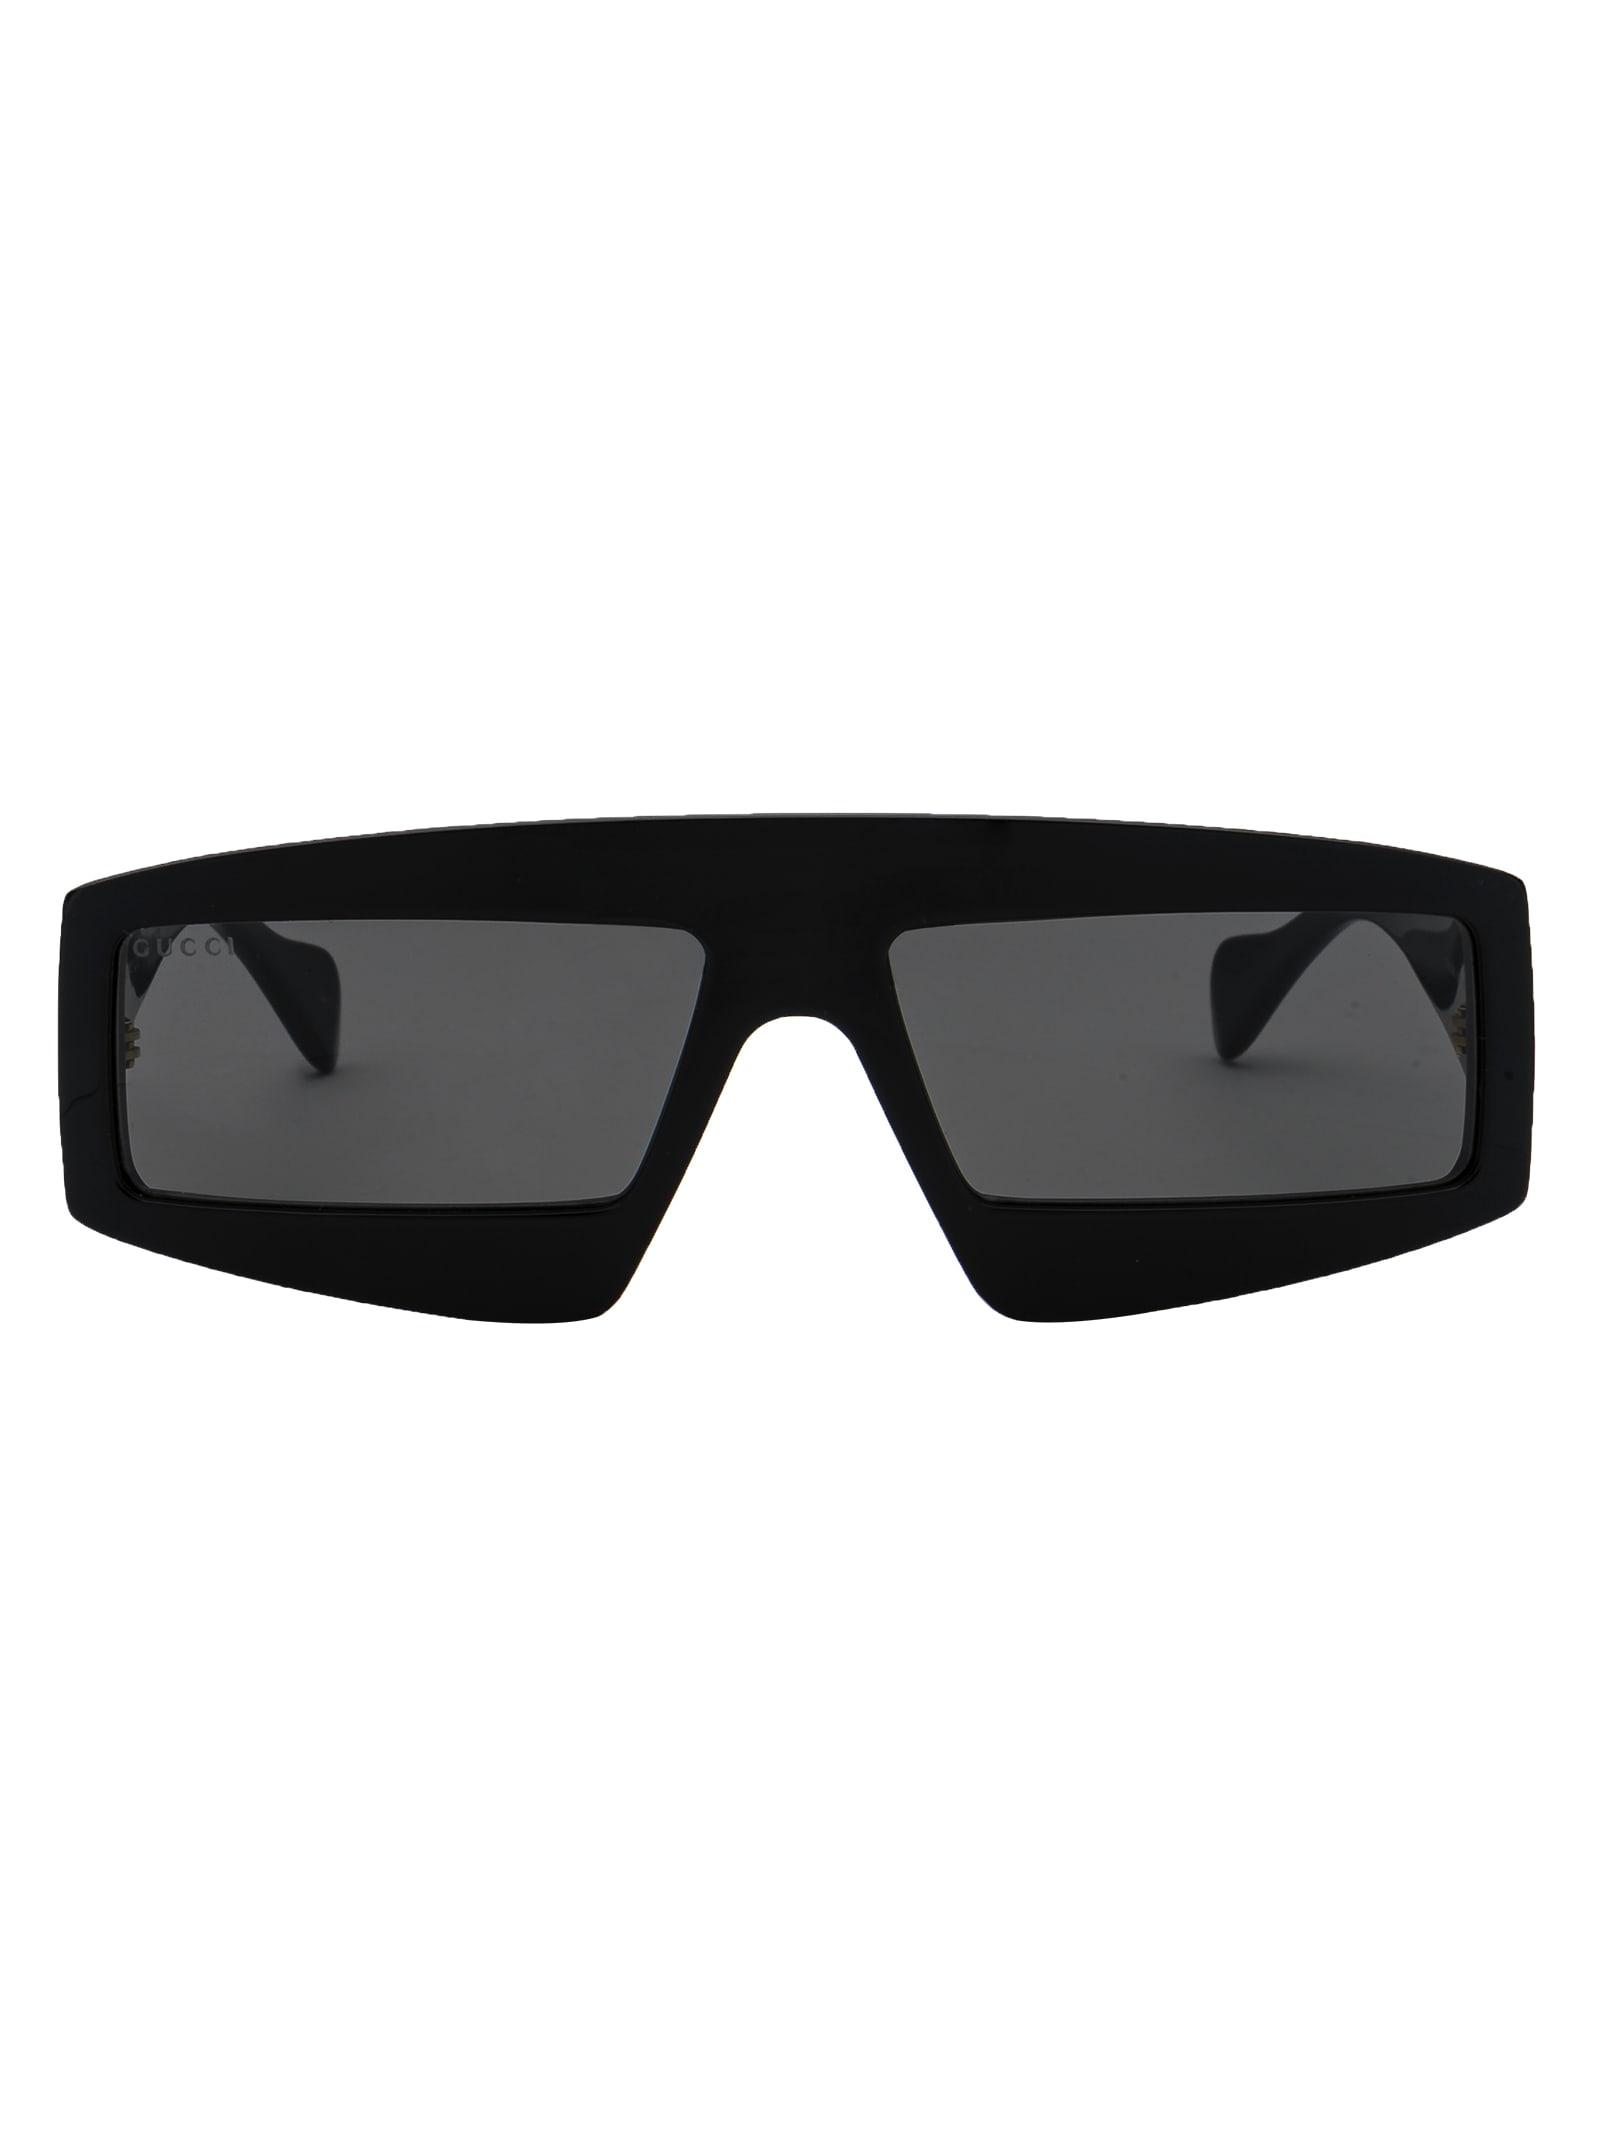 Gucci Sunglasses SUNGLASSES